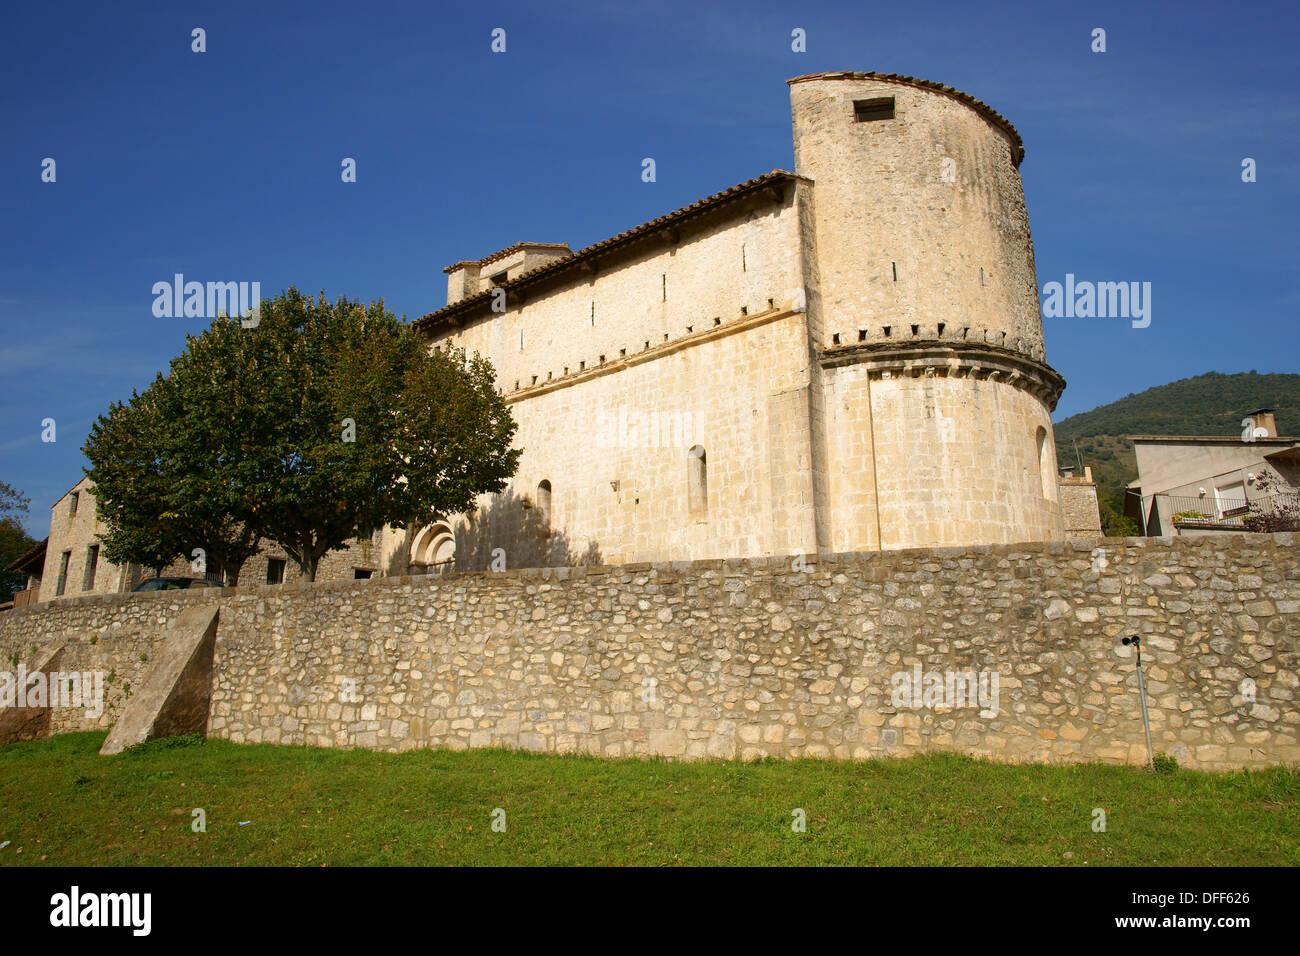 Romanesque church of Sant Llorenç, XI century Oix Garrotxa Girona Catalunya Spain. - Stock Image